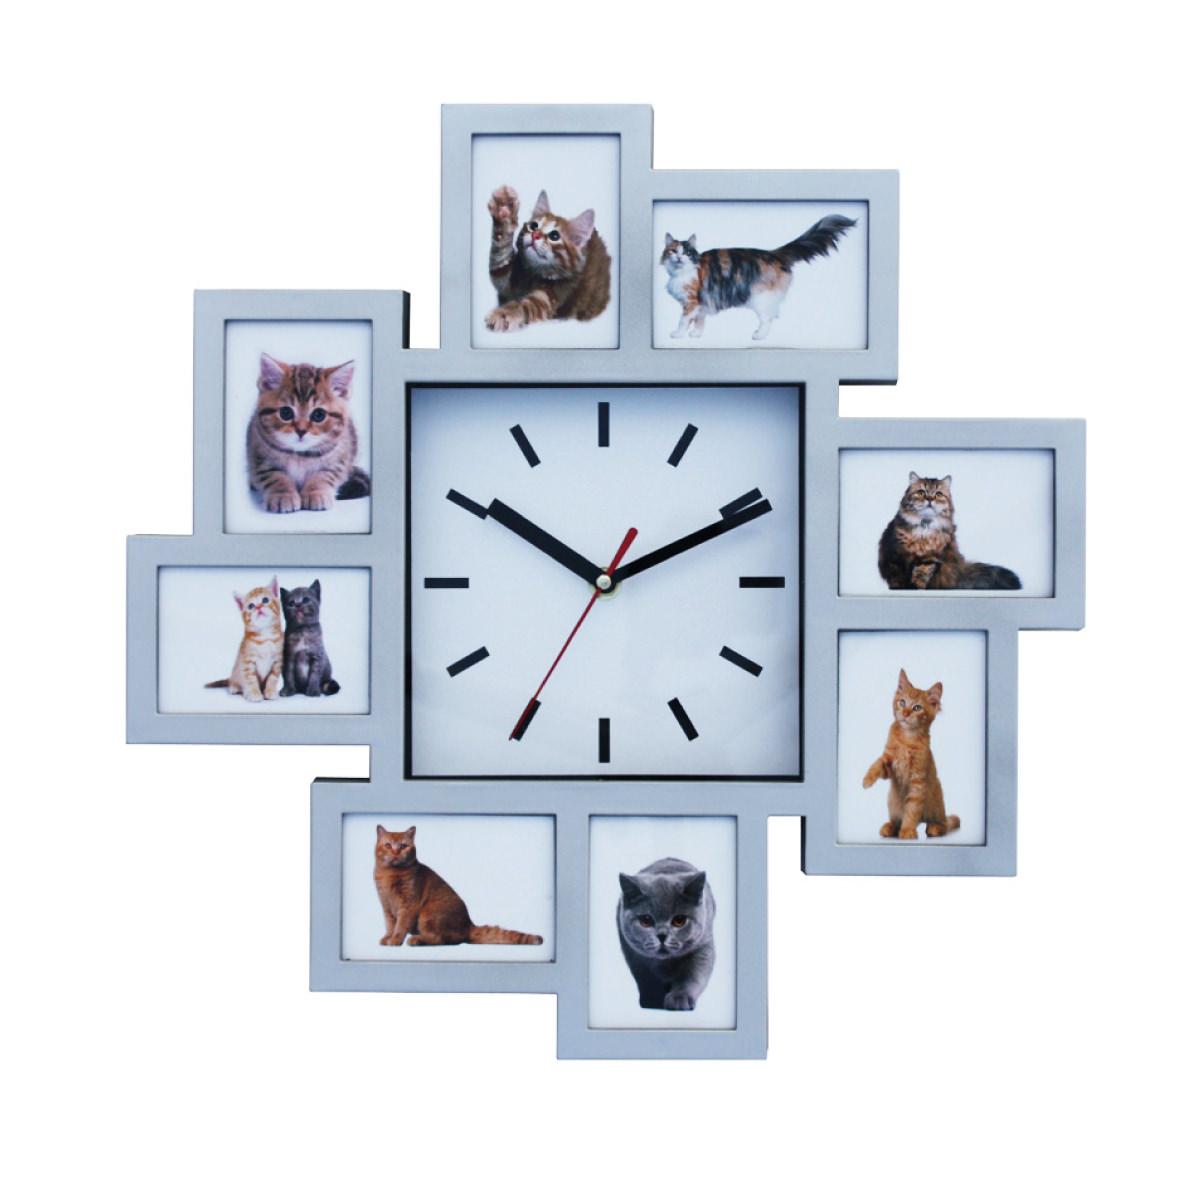 שעון קיר עם מסגרות לתמונות - בזל